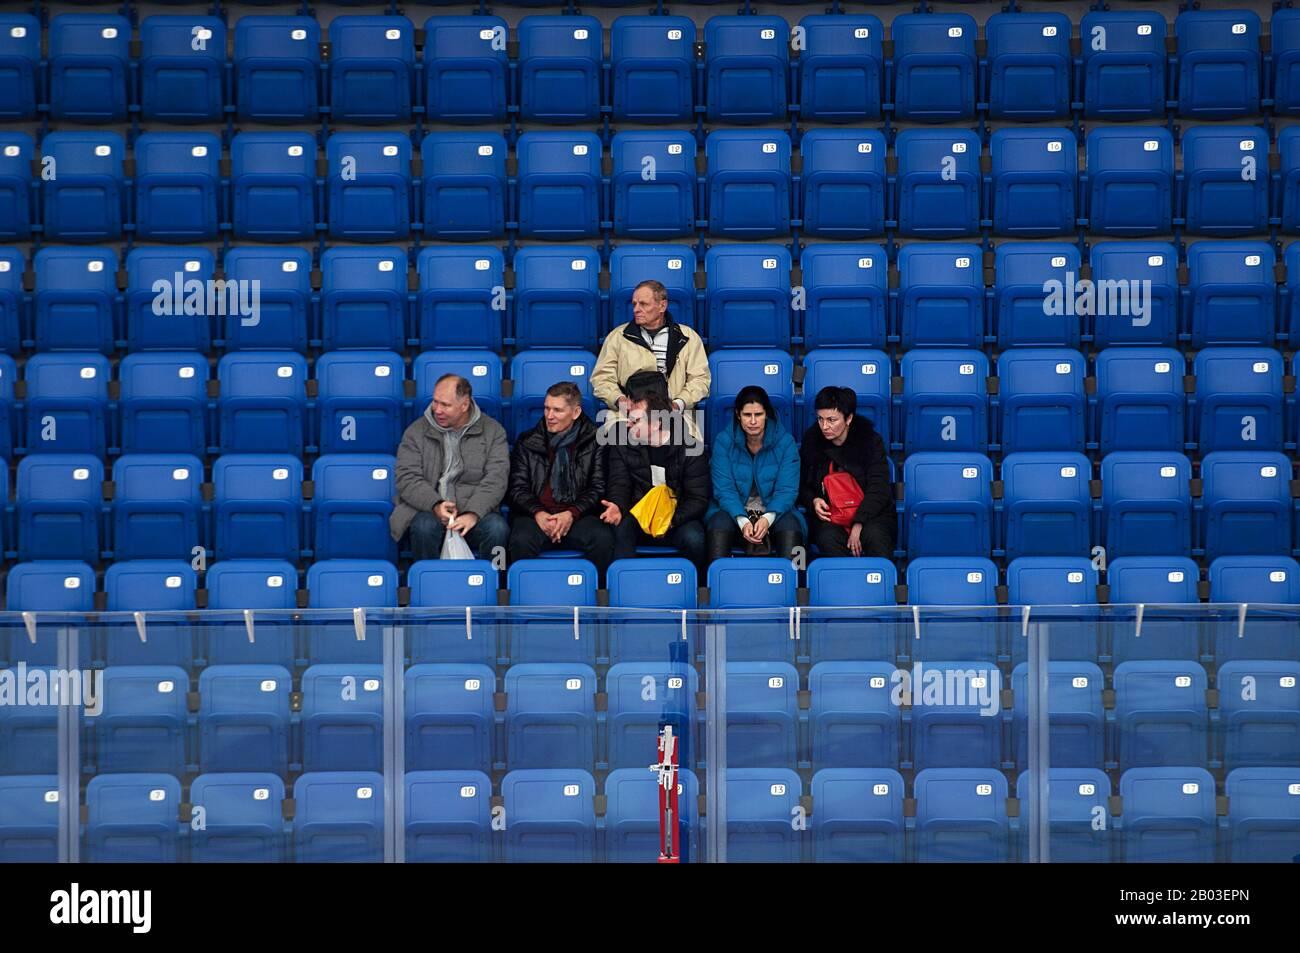 Podolsk, RUSSLAND - 25. JANUAR 2020: Unidentifizierte Zuschauer auf Tribüne kurz vor dem Eishockeyspiel Vityaz vs. Lokomotiv zur russischen KHL-Meisterschaft in Podolsk, Russland. Lokomotiv gewann 5:2 Stockfoto